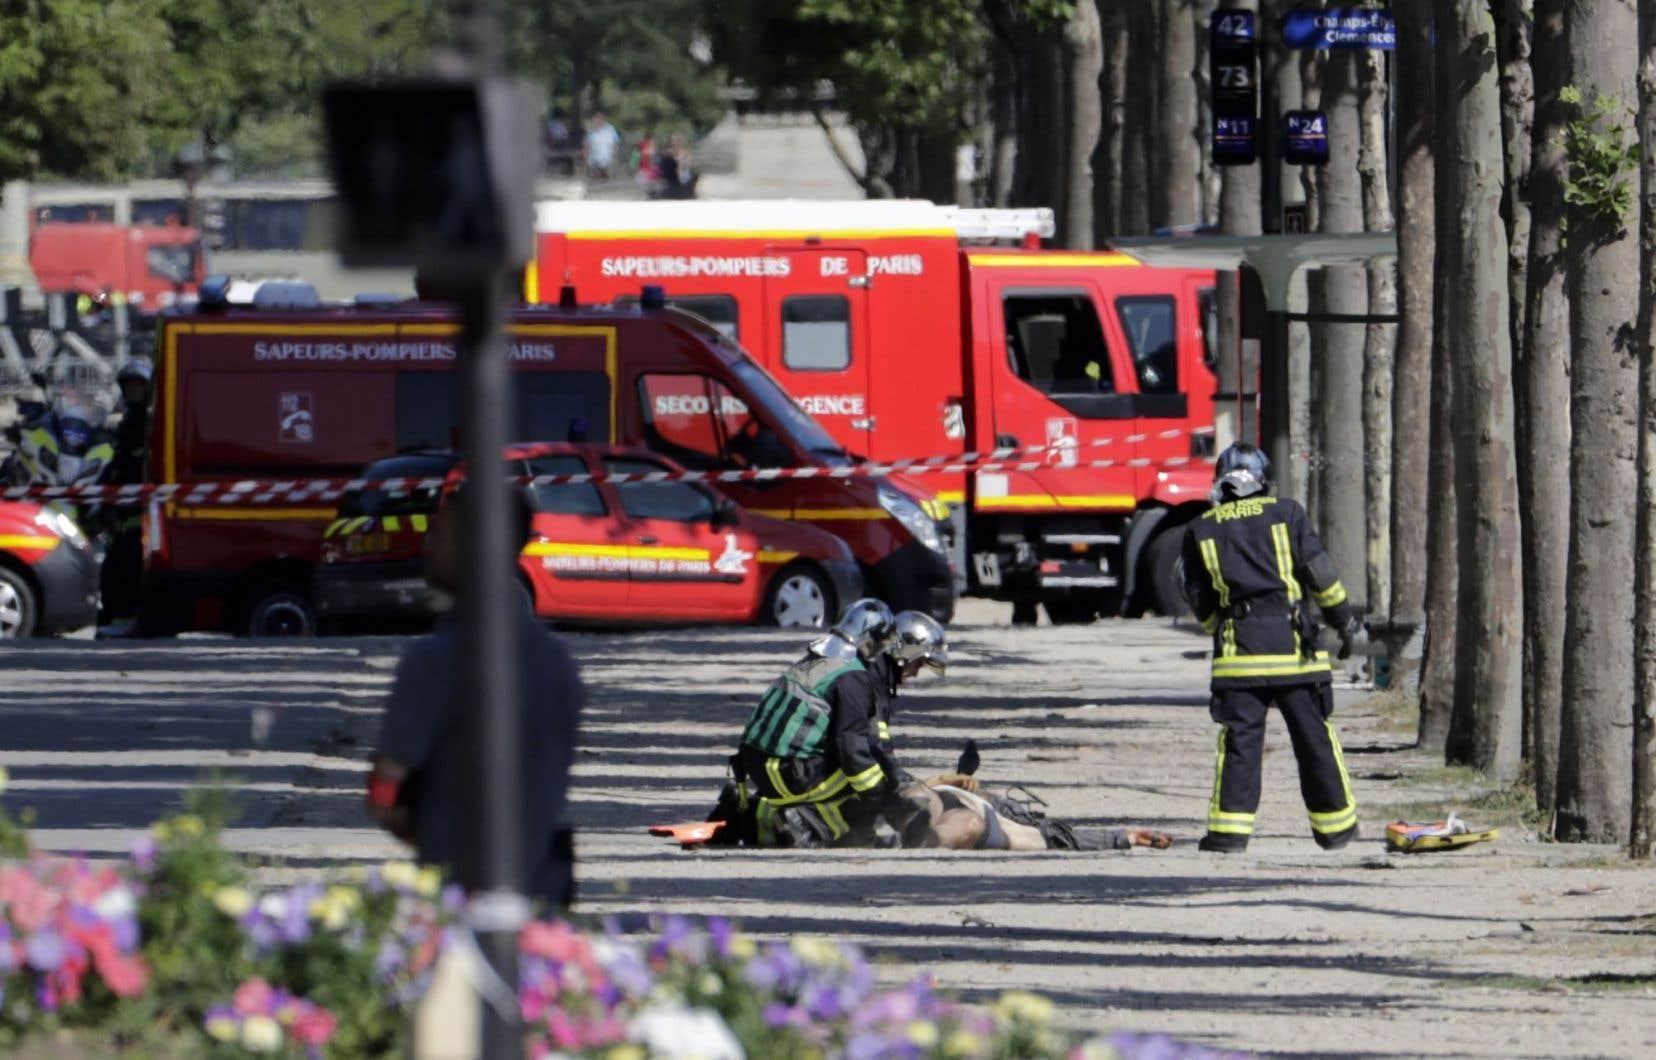 Un important dispositif sécuritaire a été déployéen plein cœur de la capitale française.